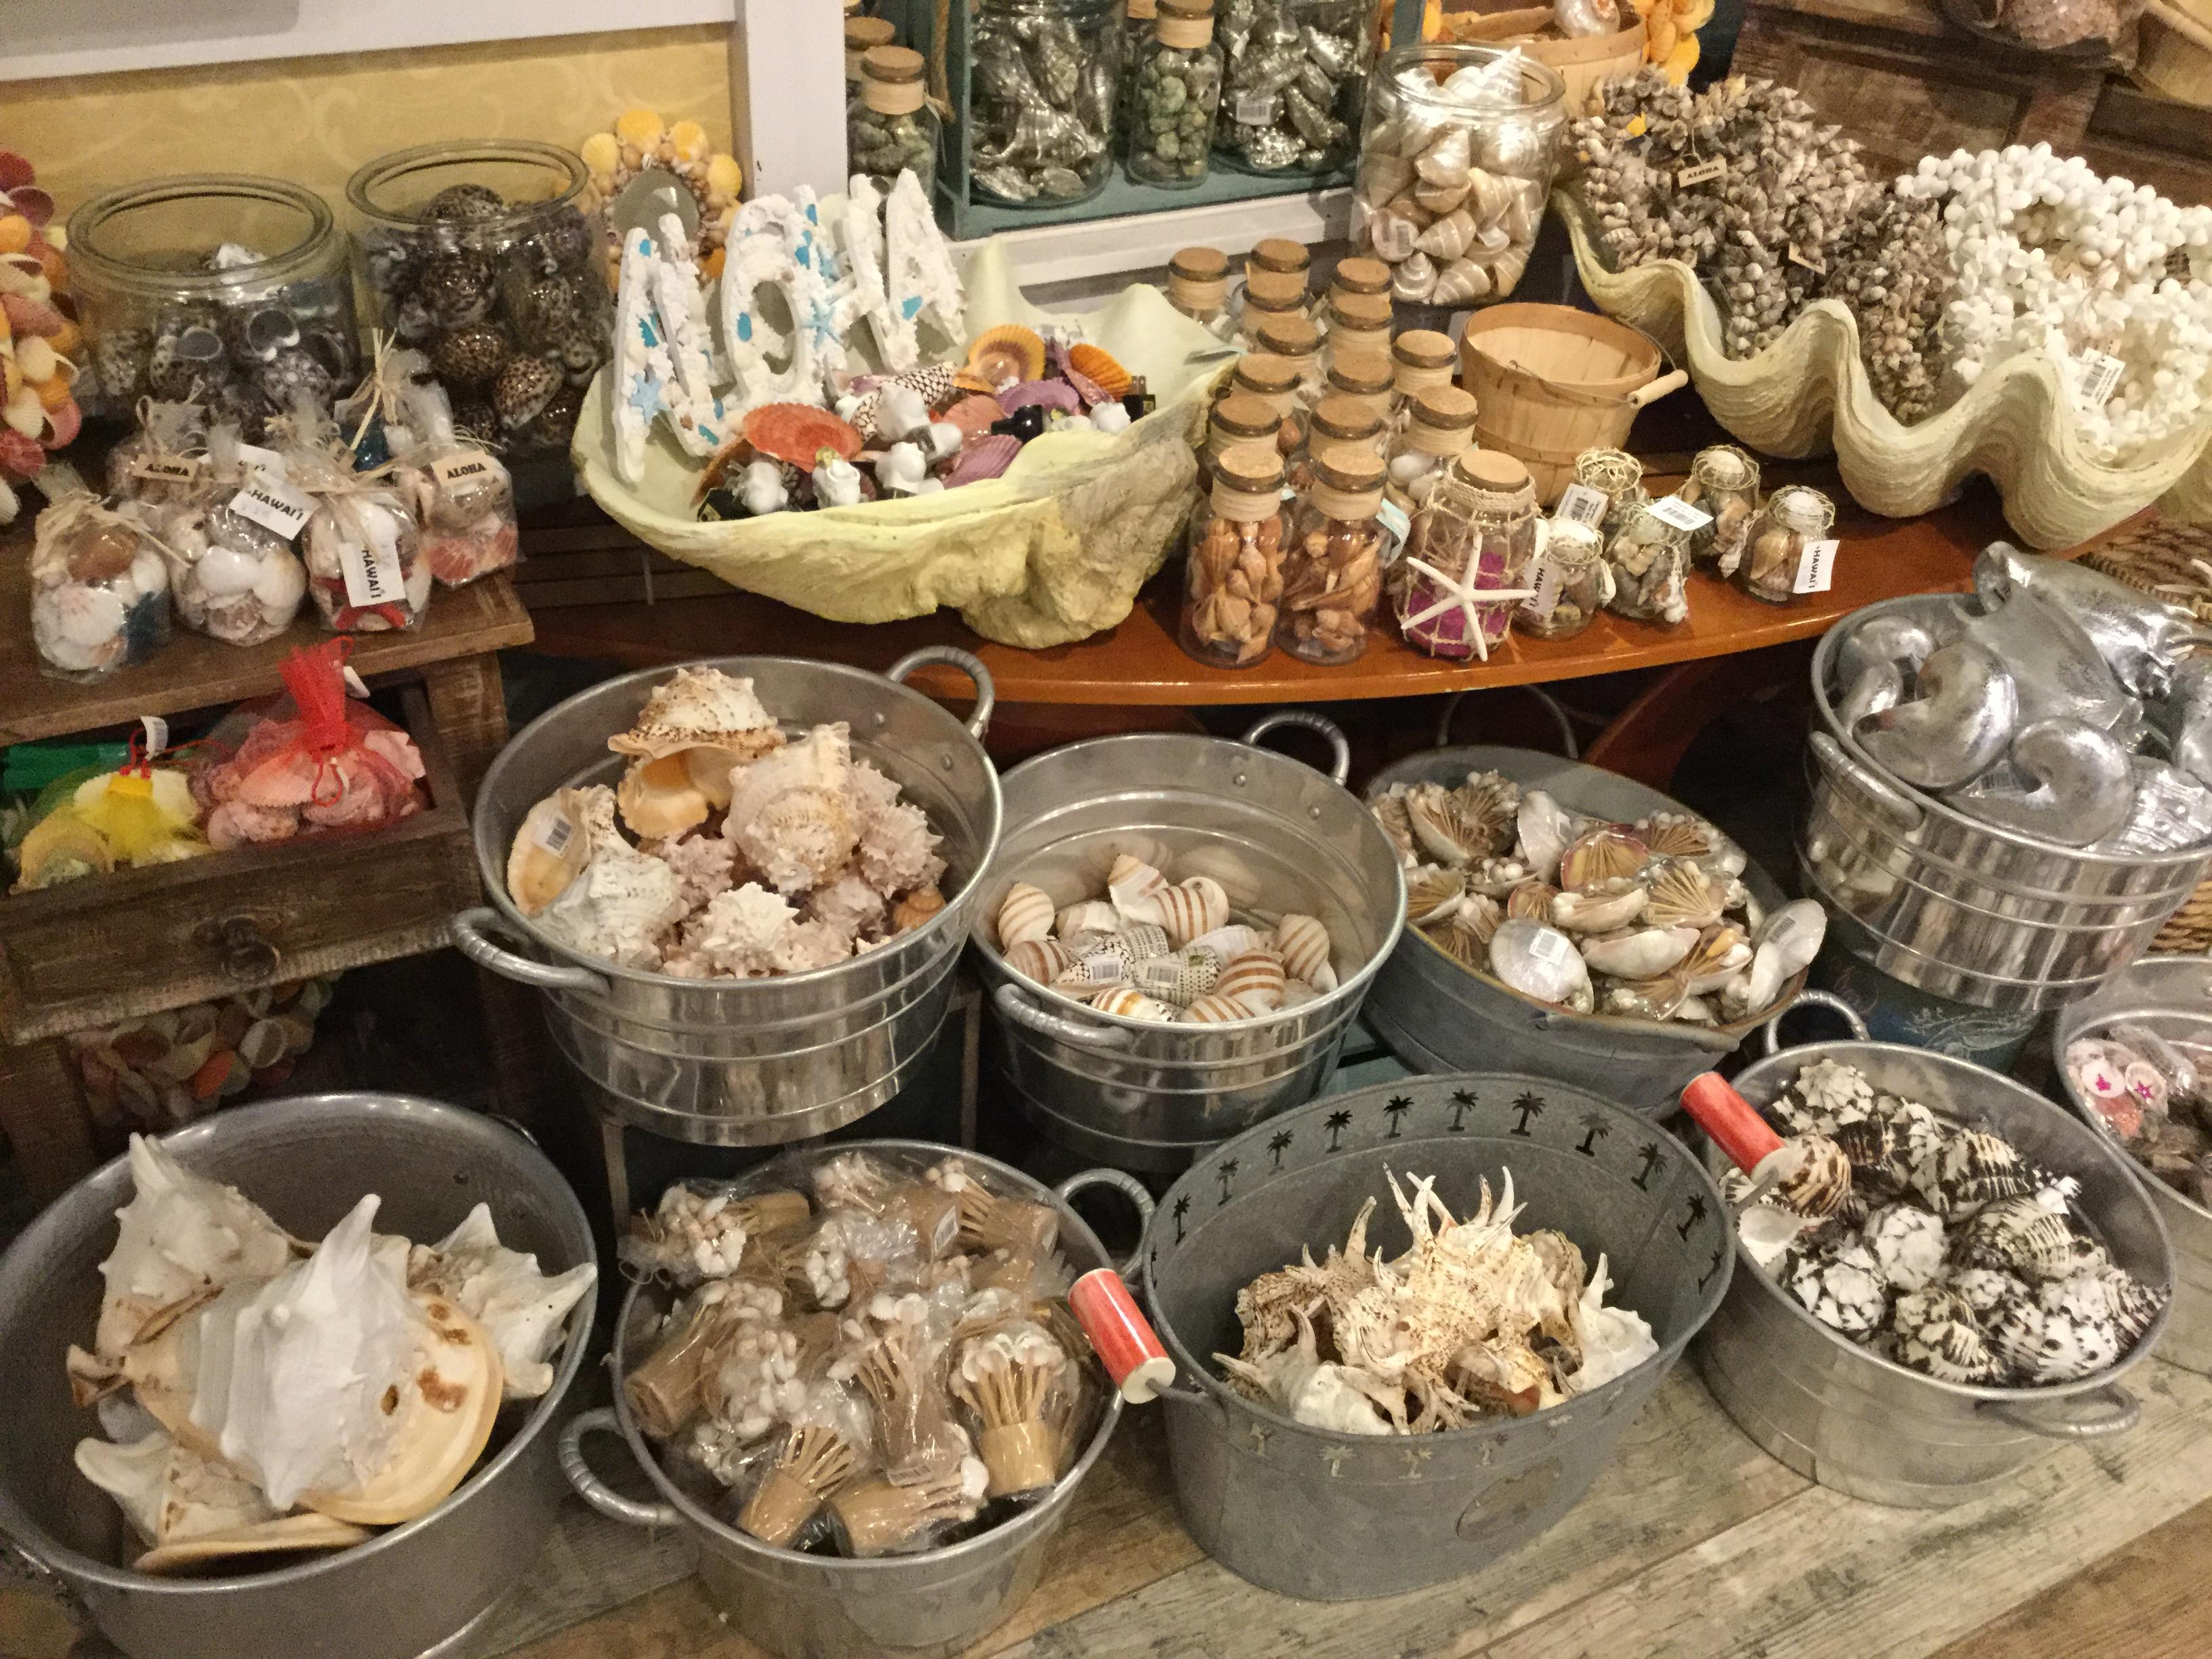 Un échantillon de souvenirs vendus dans une butique de HawaIIi: tout y passe, coquillages, étoiles de mer, coraux, et même petites mâchoires de requins!